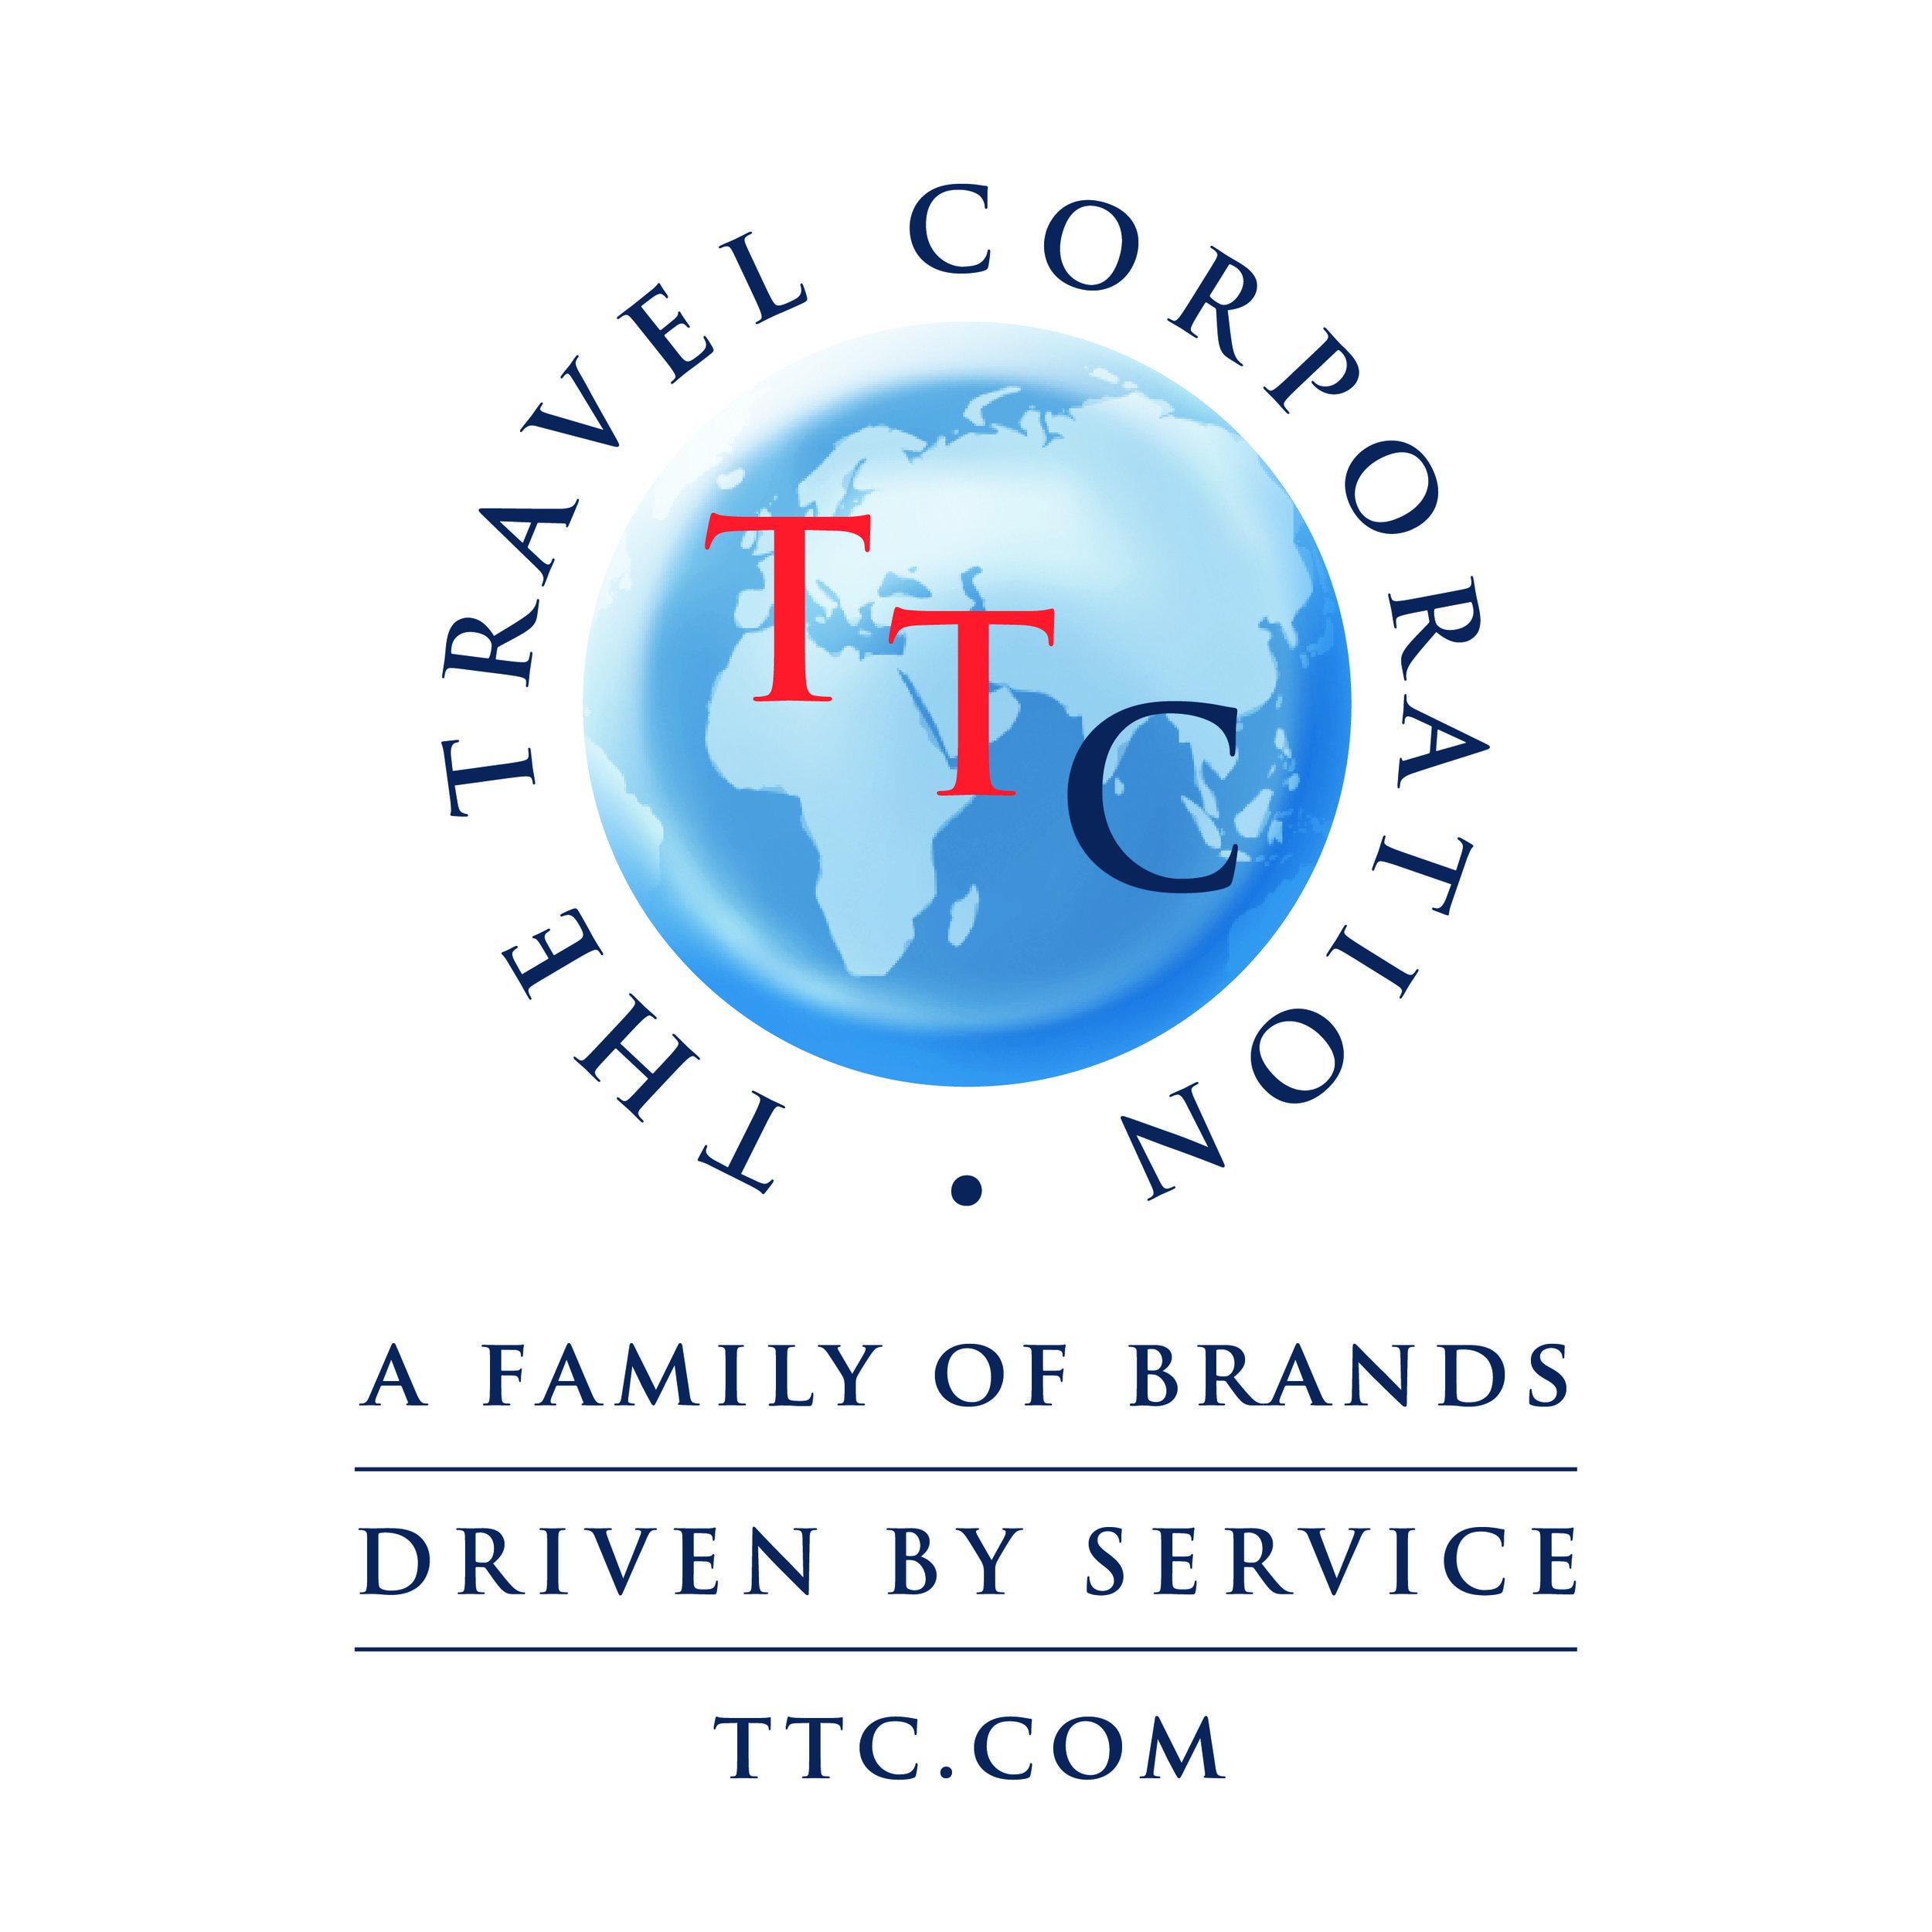 TTC_2016_logo_Family_URL_FV_CMYK.jpg